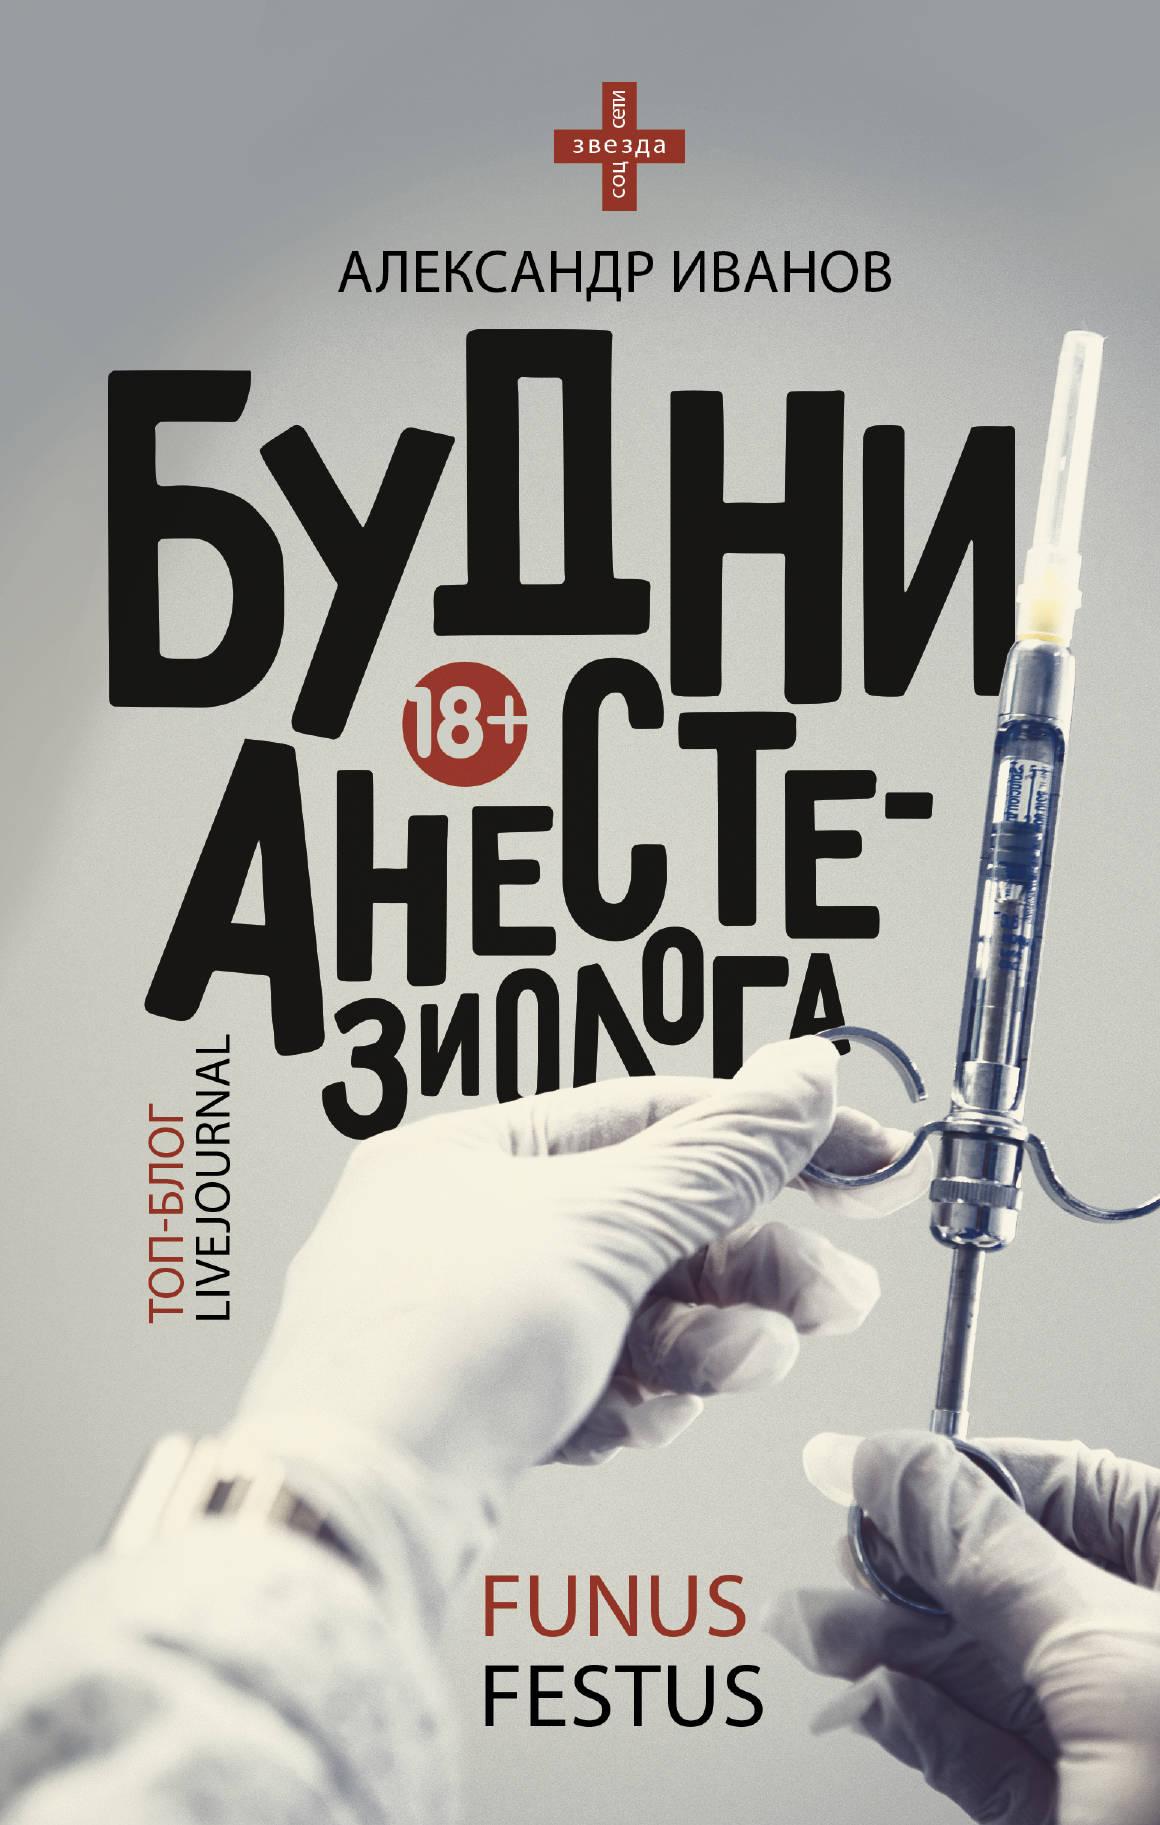 Иванов Александр Евгеньевич Будни анестезиолога александр евгеньевич никифоров вот был случай сборник рассказов